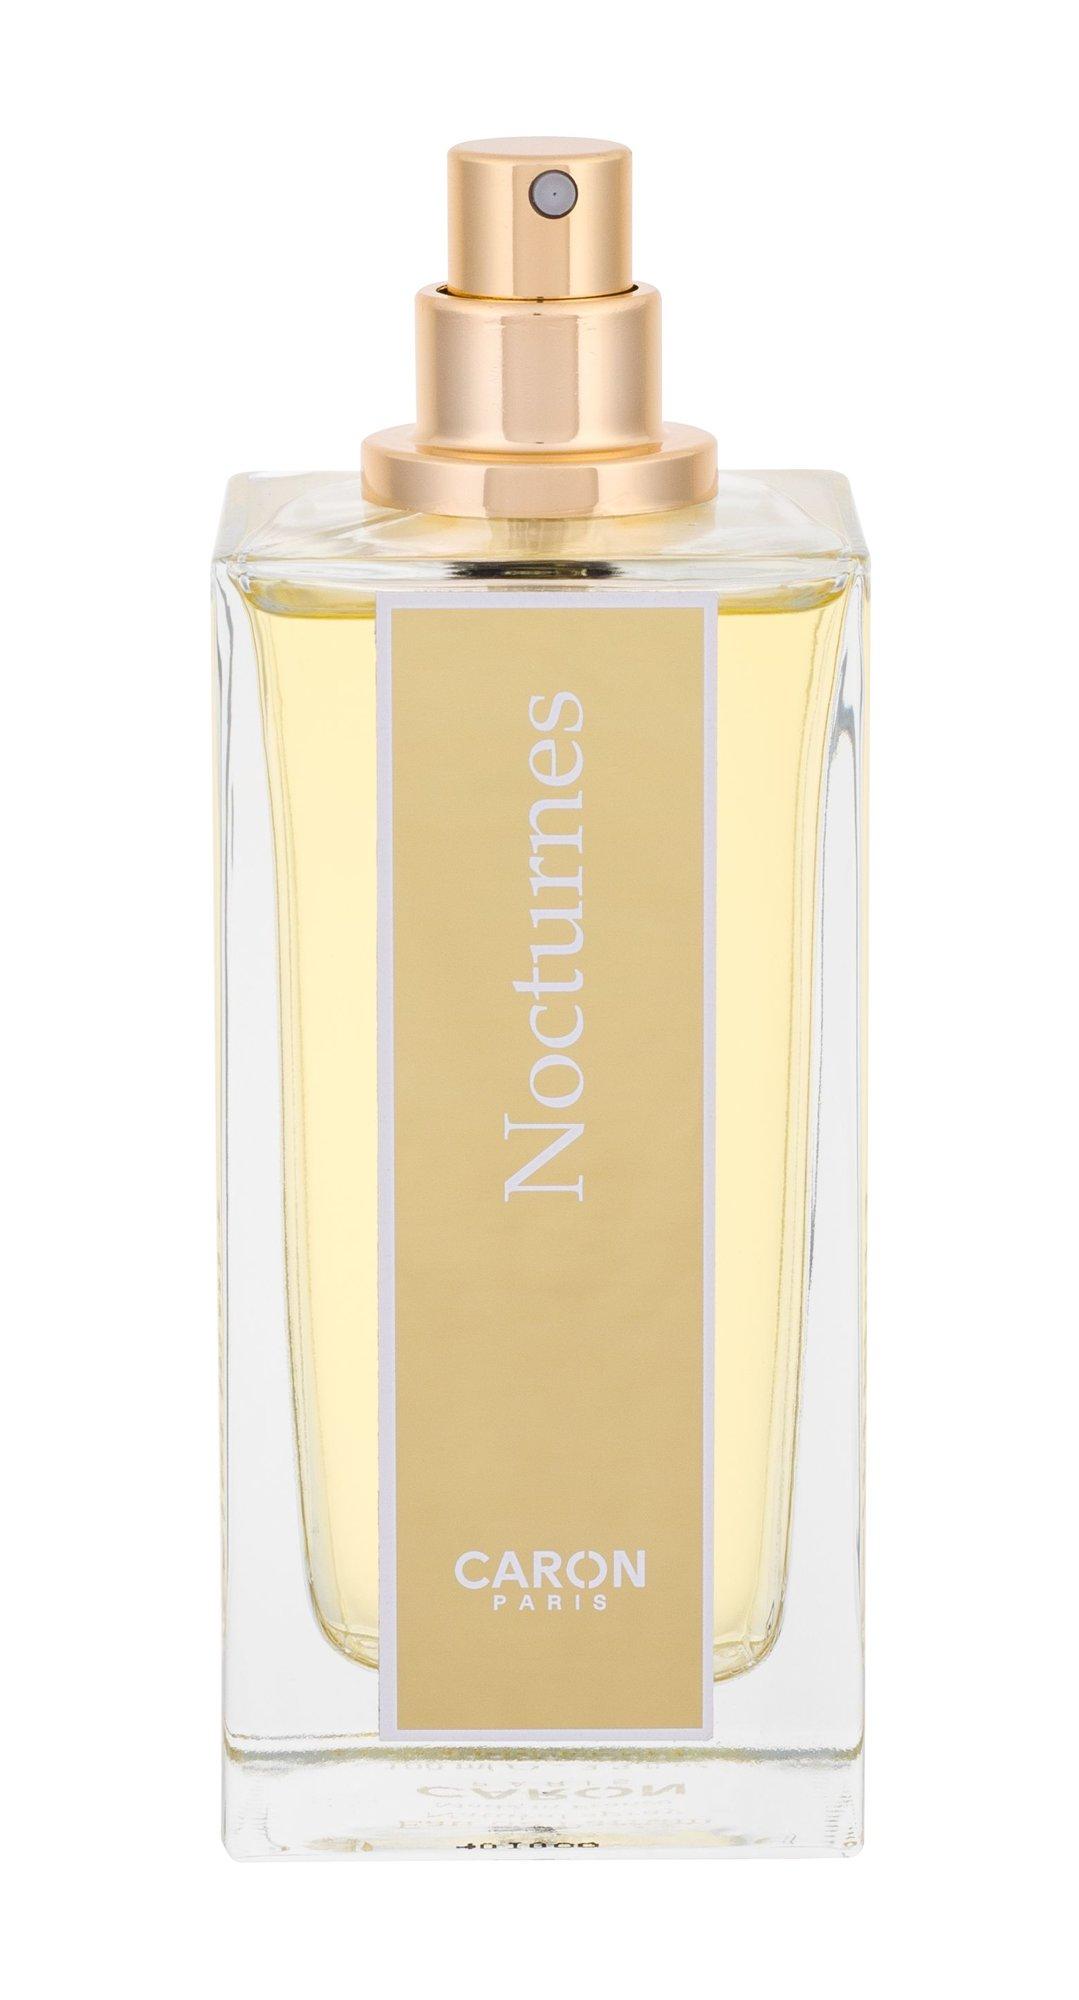 Caron La Selection Nocturnes Eau de Parfum 100ml